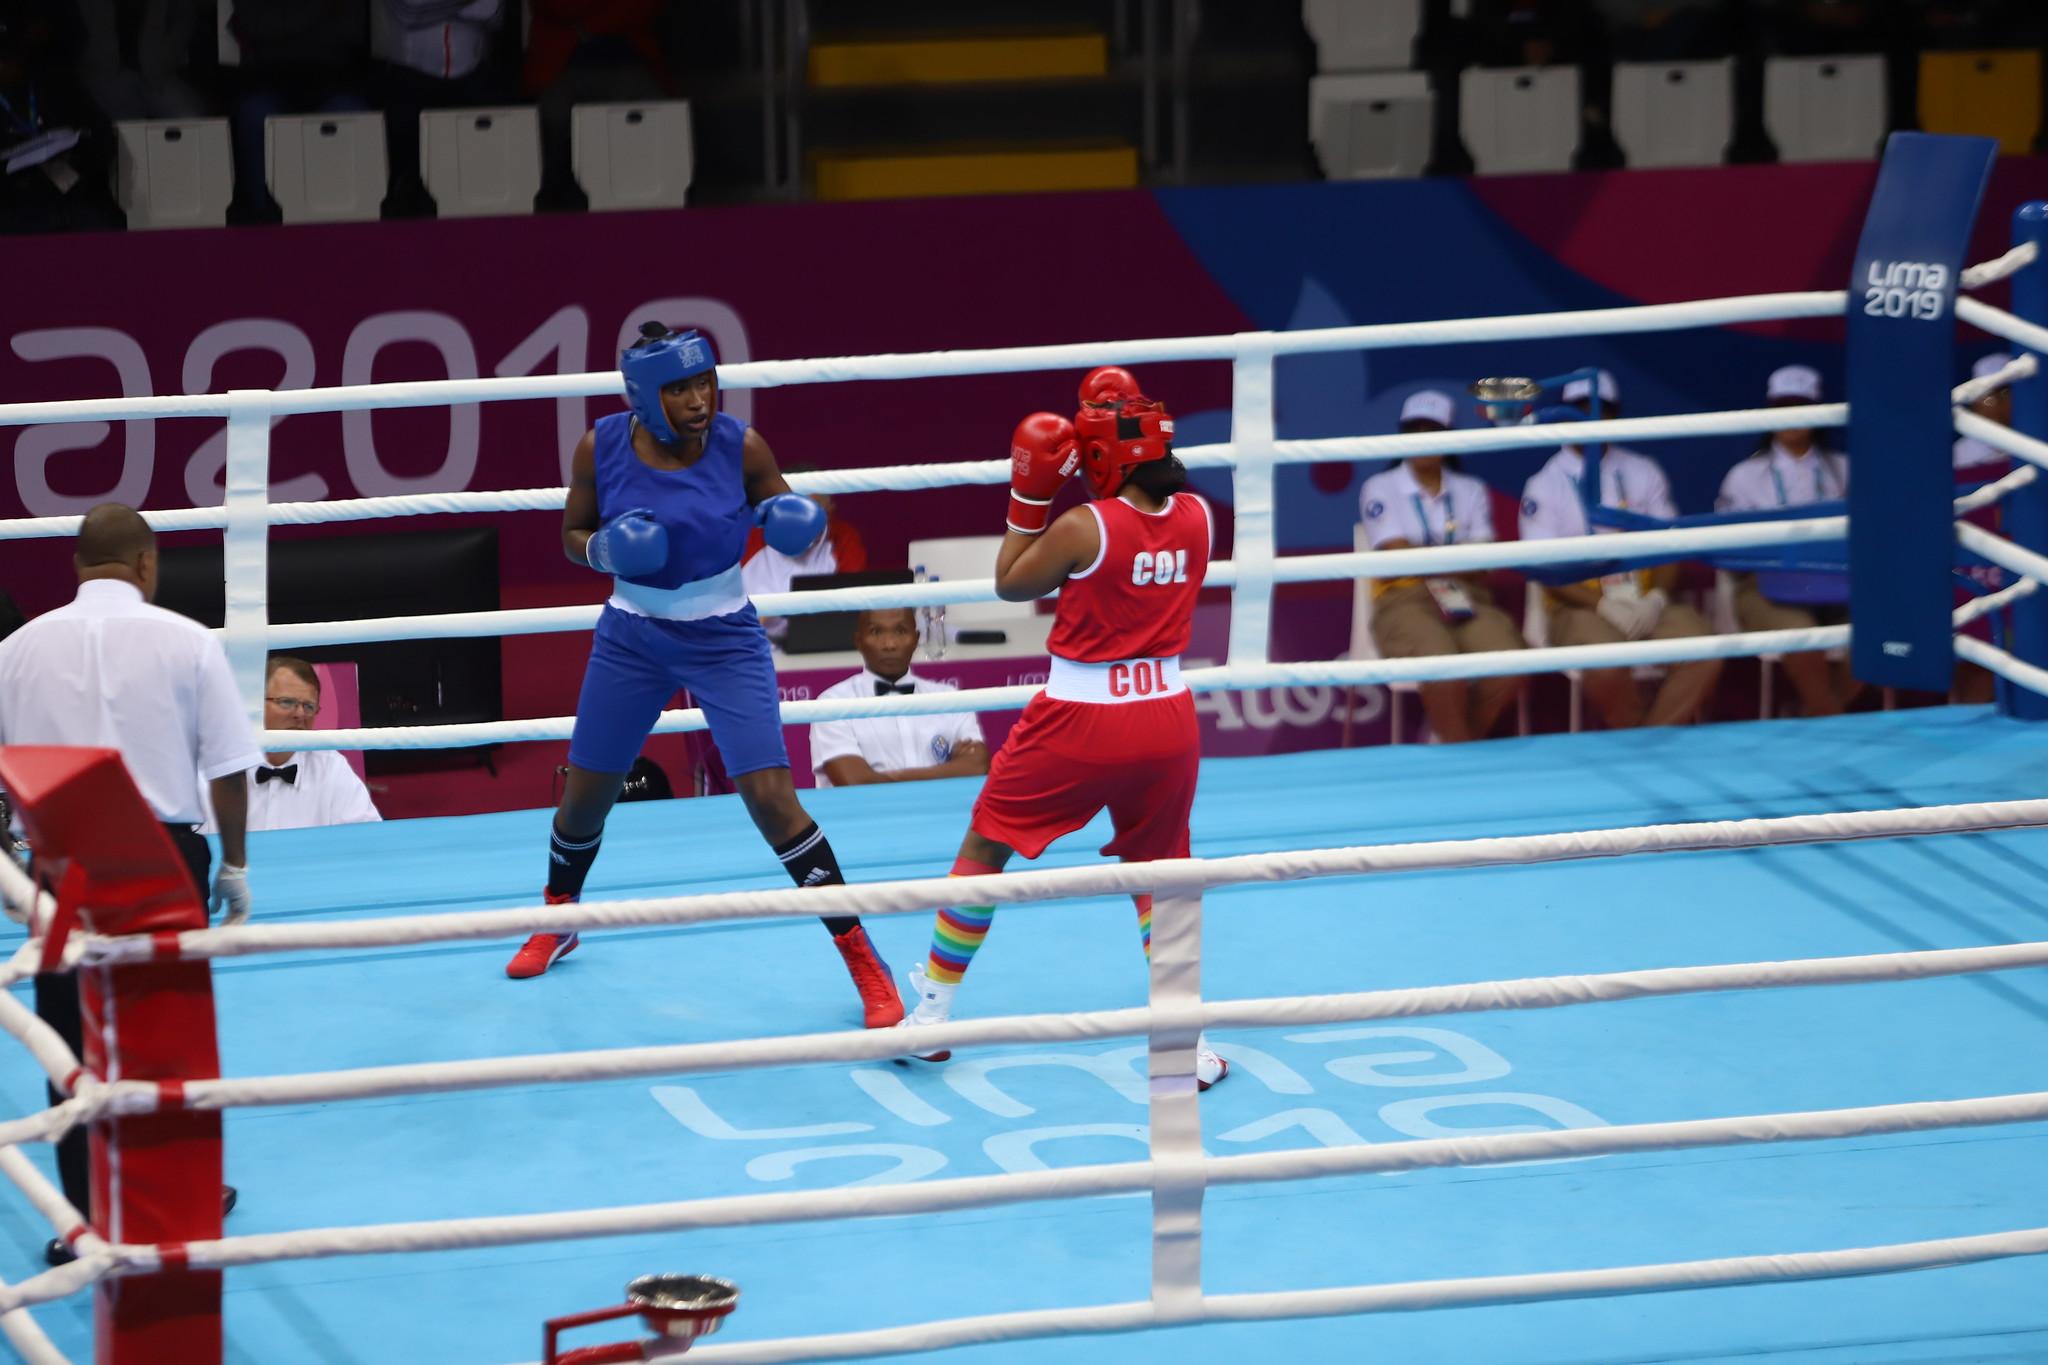 La decisión se da tras un control doping sobre una de las competidoras